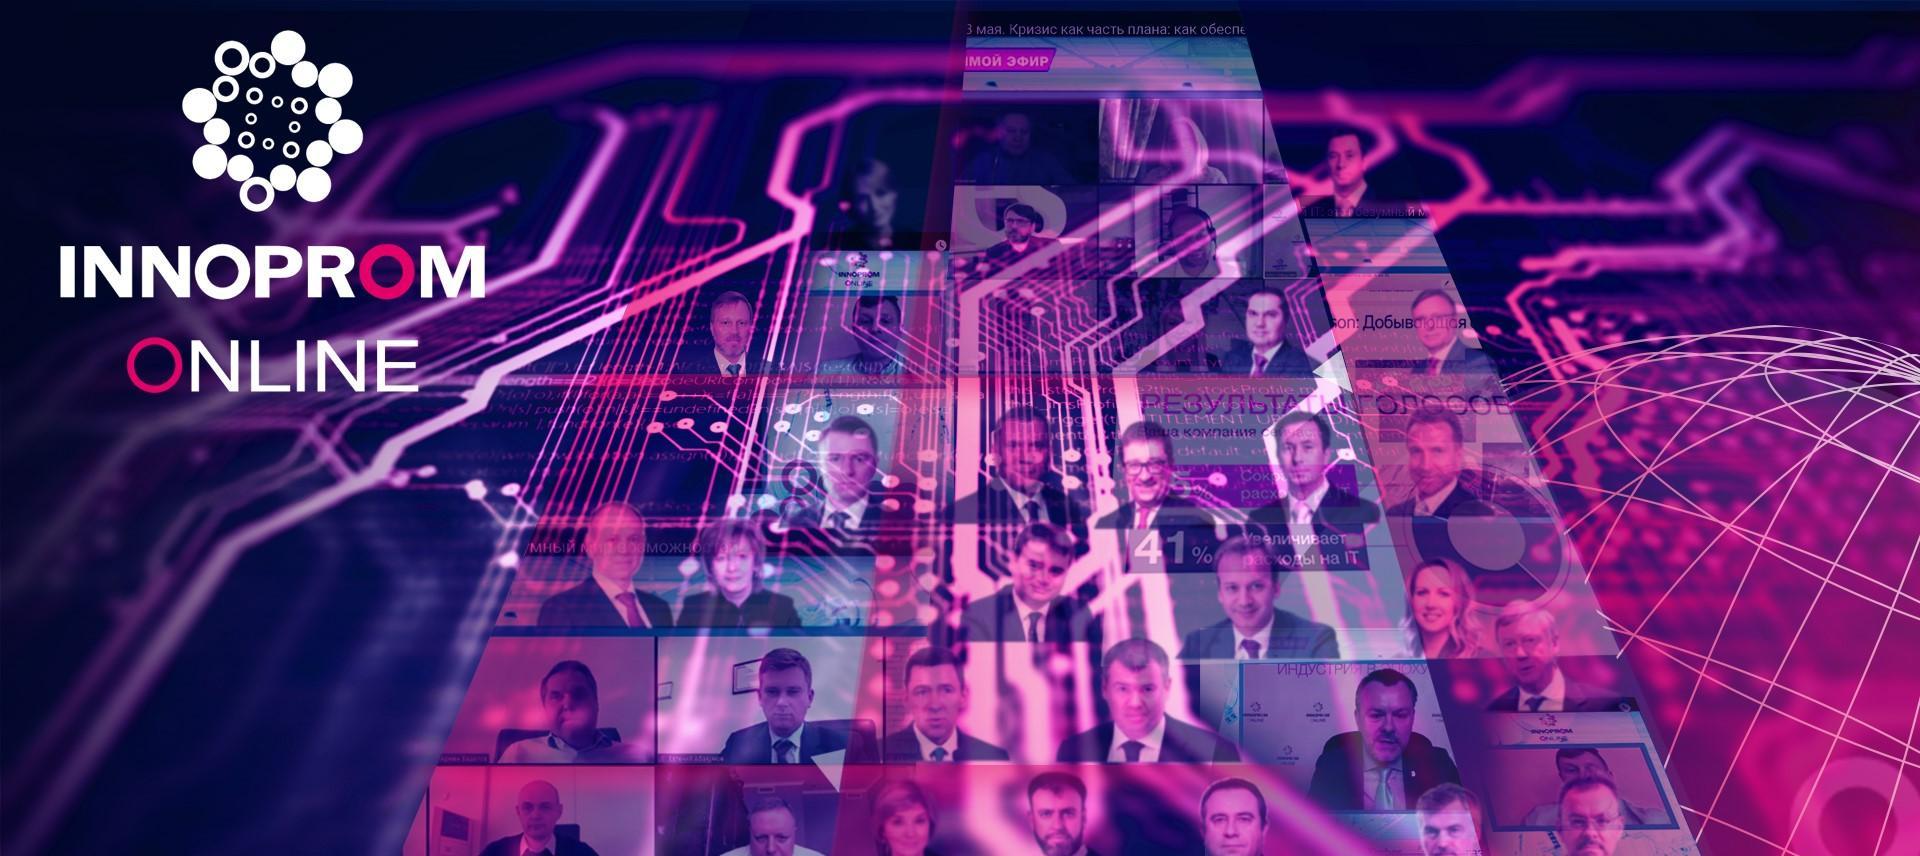 На Иннопром онлайн расскажут, как компаниям получить максимум  от конгрессно-выставочных мероприятий